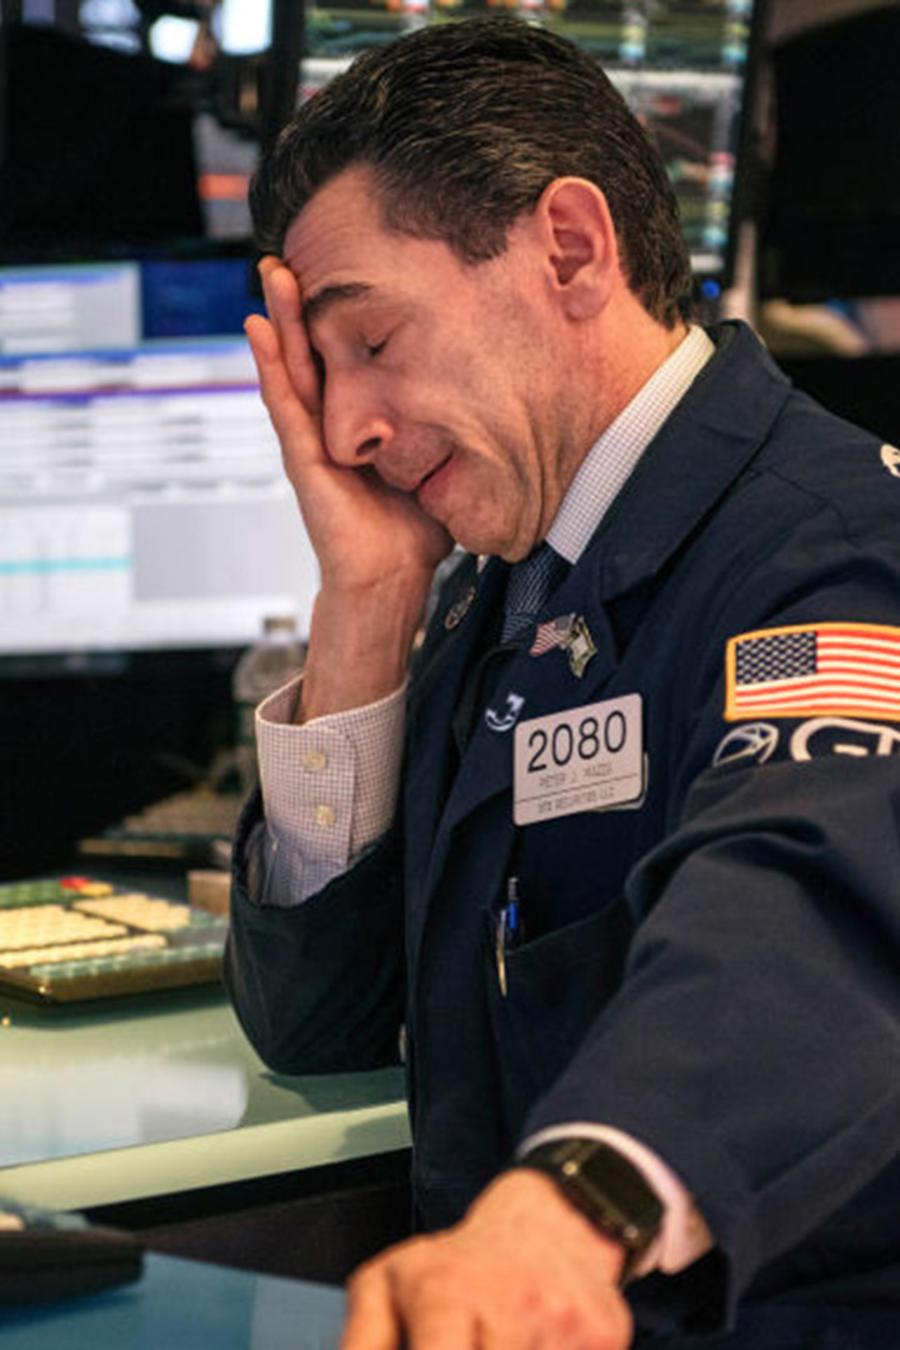 Un trabajador de la Bolsa de Comercio de Nueva York lamenta una nueva jornada con pérdidas por el temor al coronavirus.